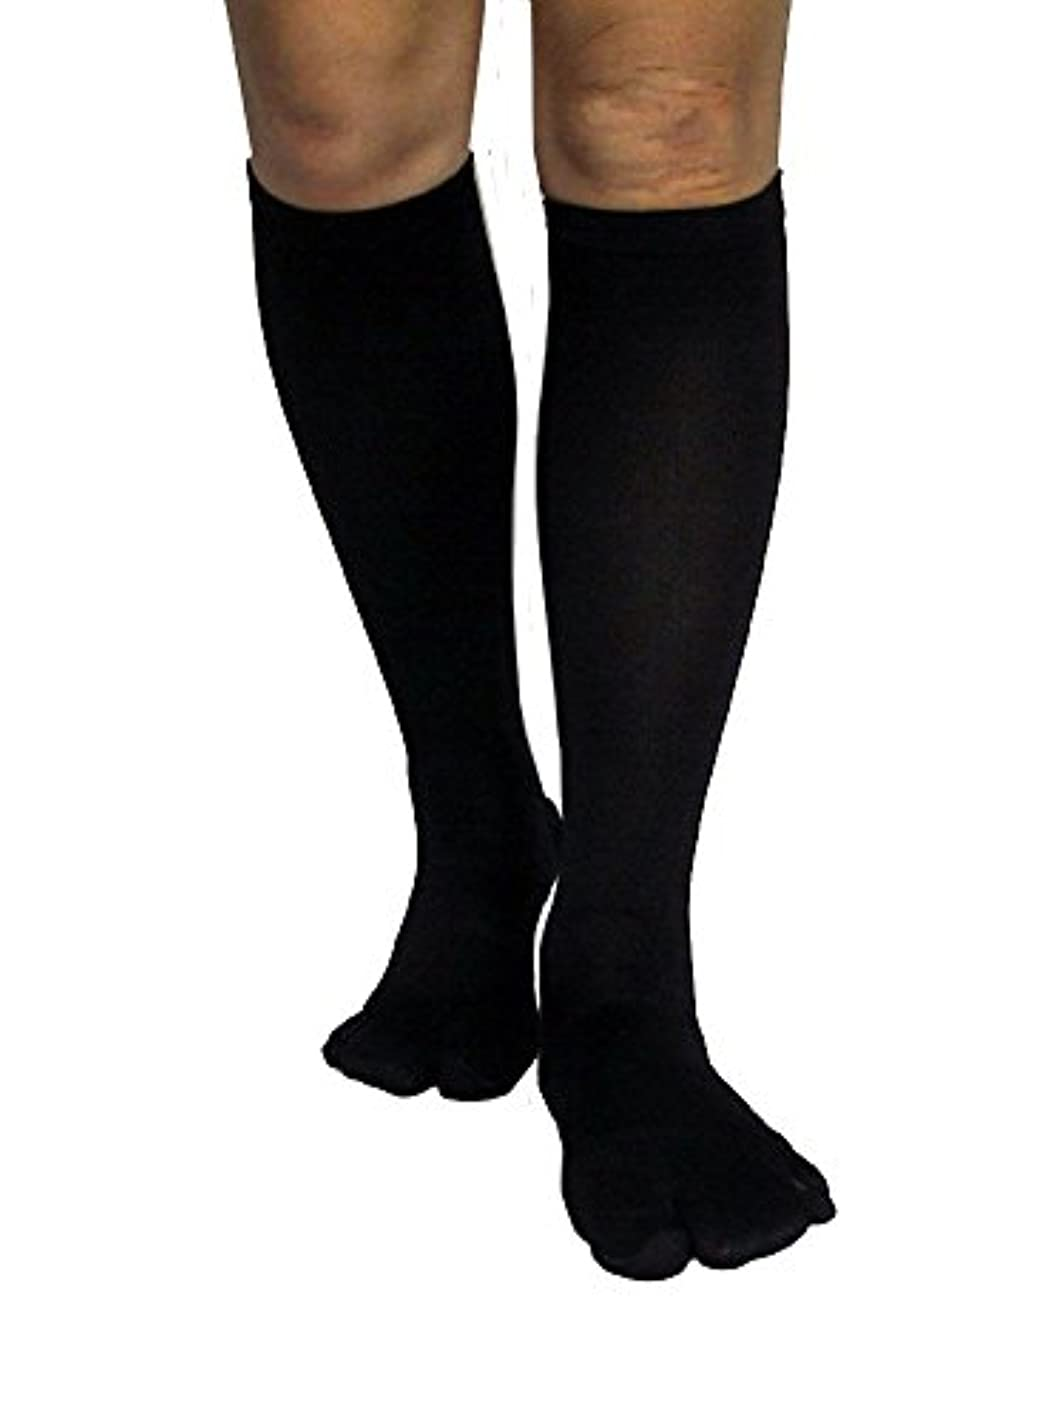 田舎者王朝粘り強いカサハラ式歩行矯正ロングテーピング靴下(3本指タイプ)「黒24-26」